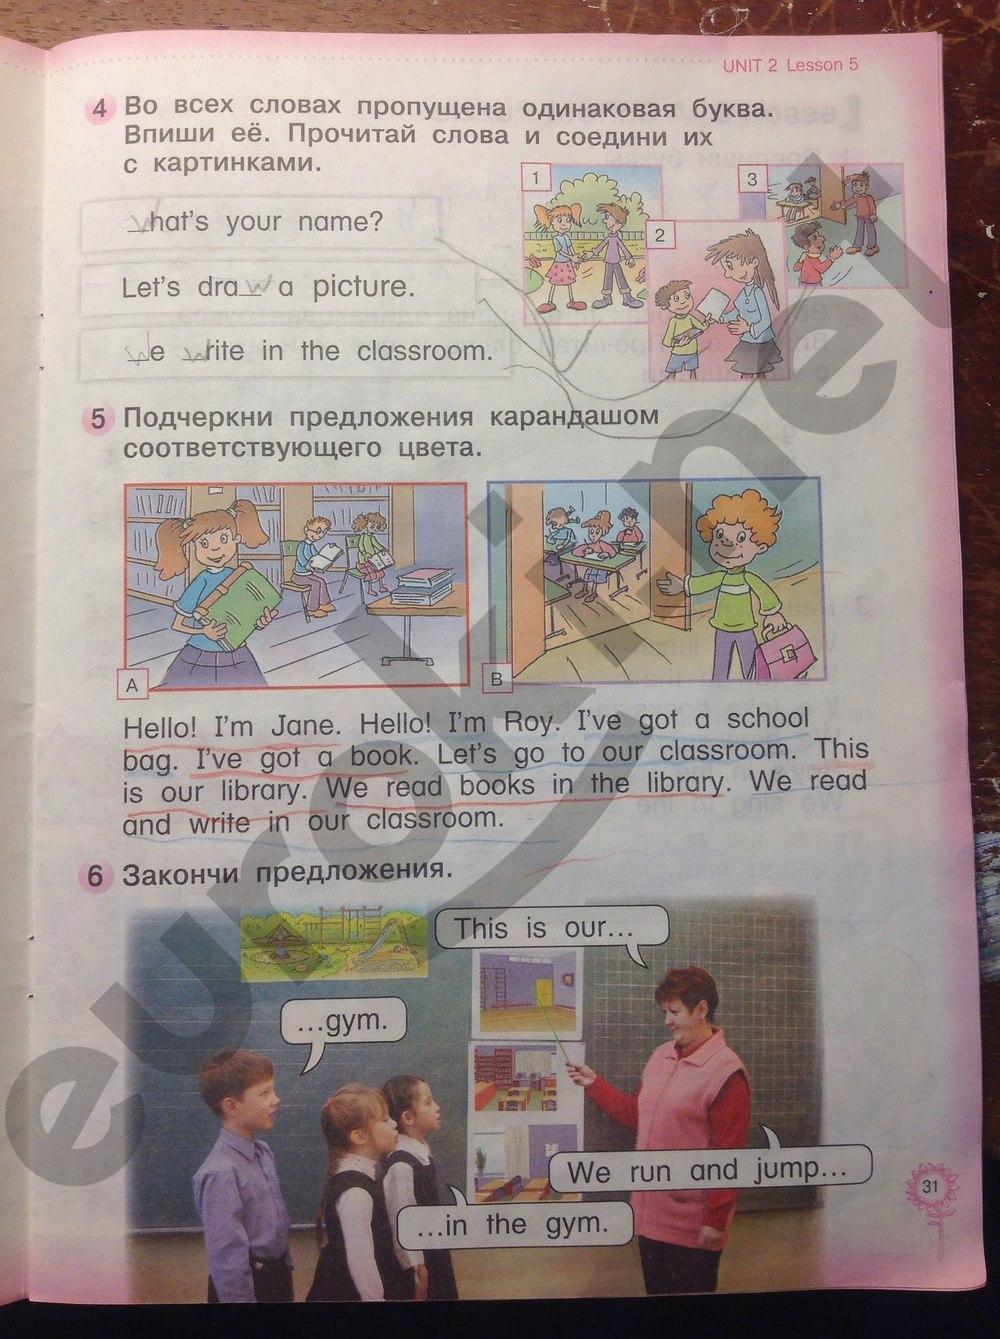 ГДЗ по английскому языку 1 класс рабочая тетрадь Колтавская А.А. Костюк Е.В. Часть 1. Задание: стр. 31